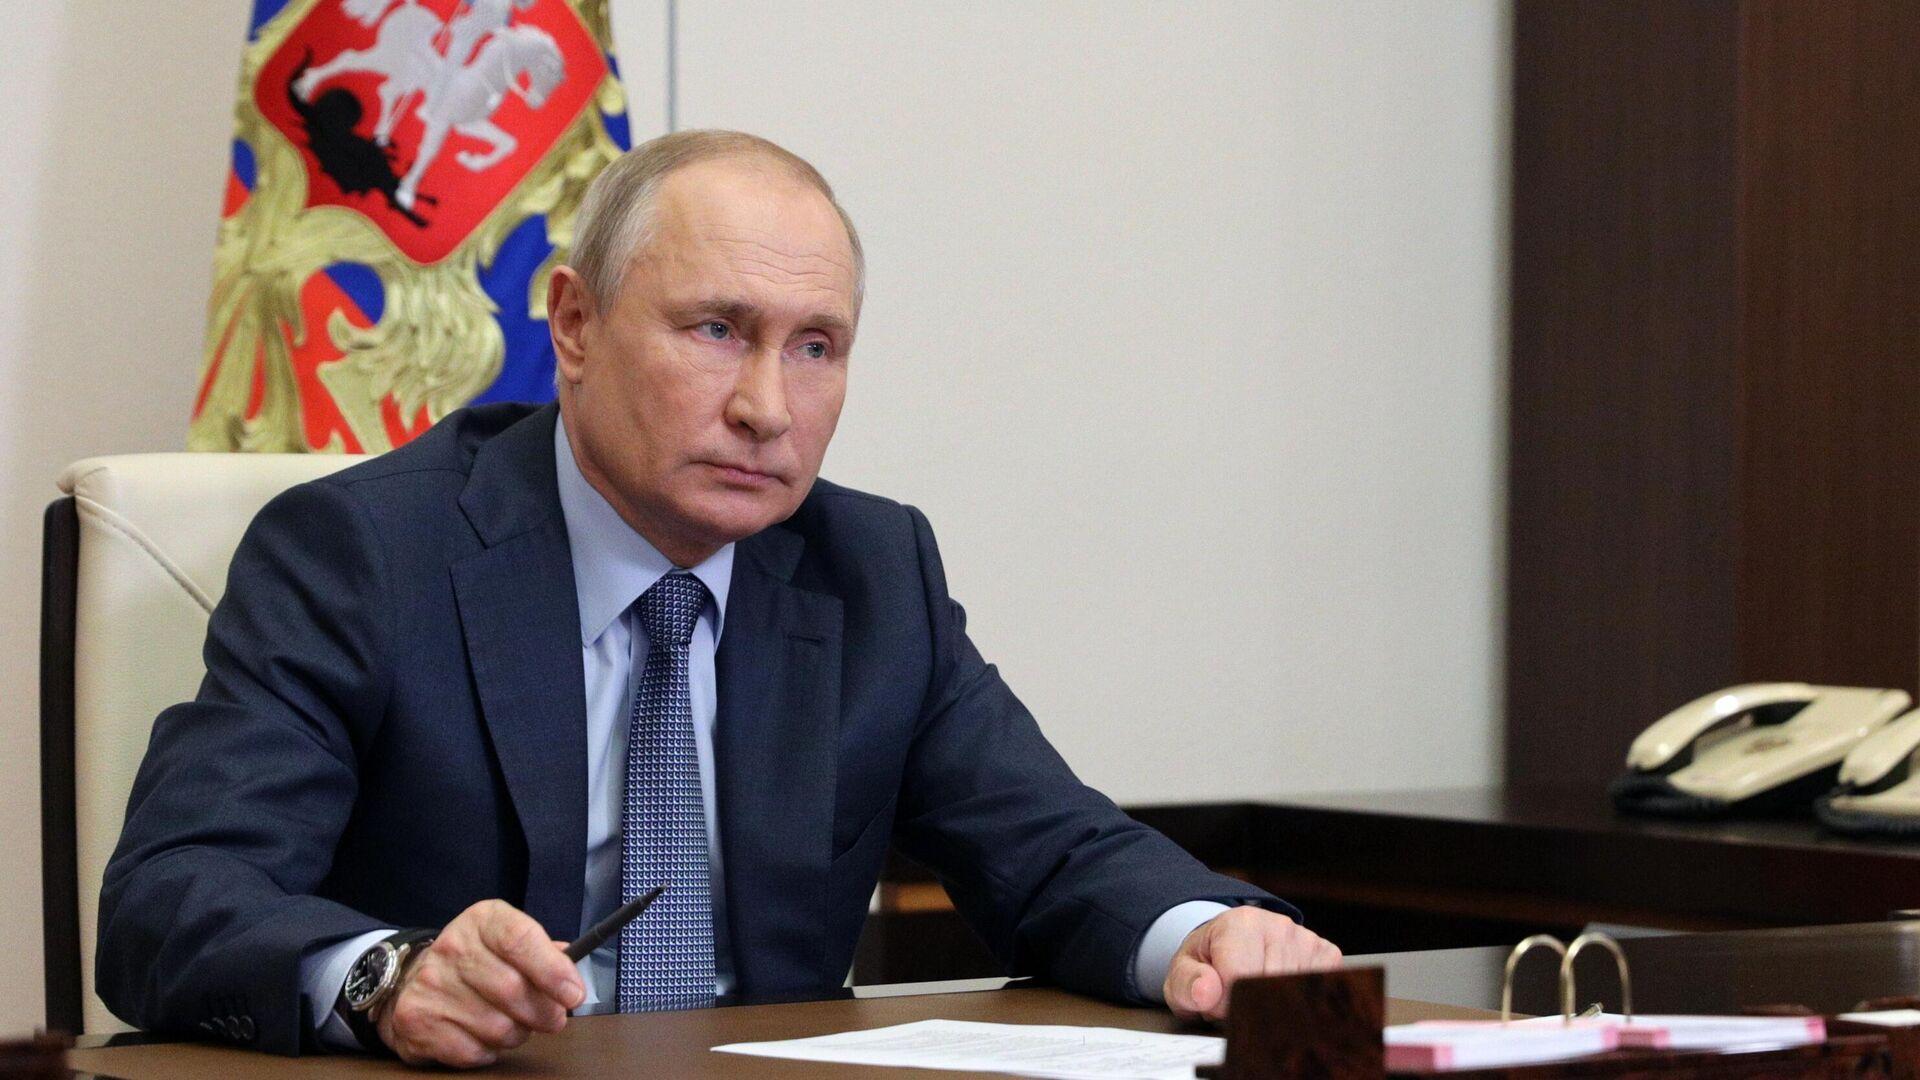 Президент РФ Владимир Путин во время встречи в режиме видеоконференции с представителями социальных организаций - РИА Новости, 1920, 14.06.2021